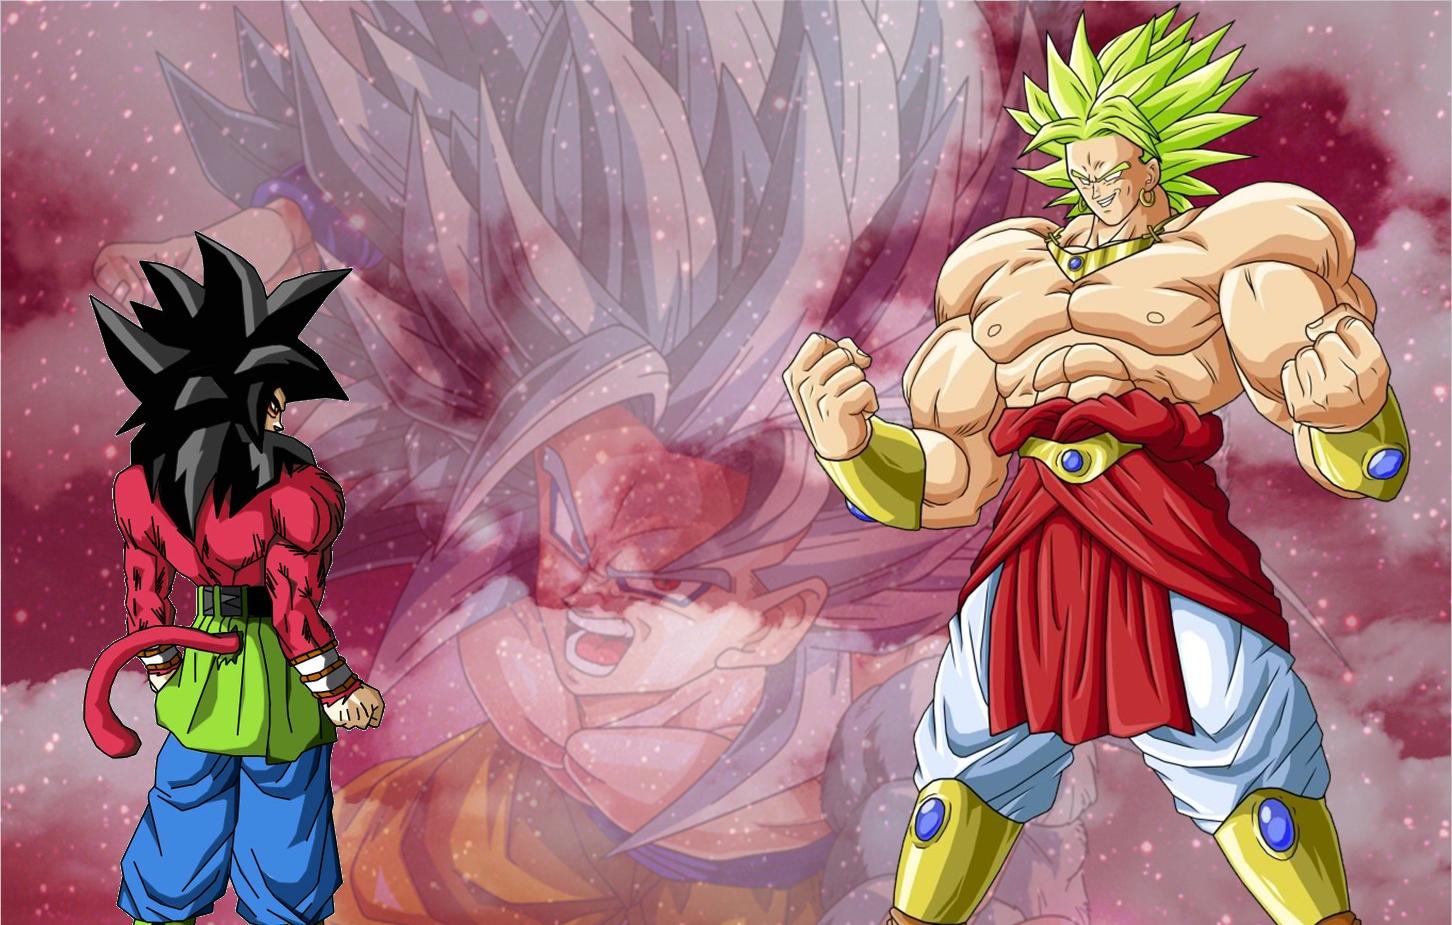 Goku Fase 10000 Vs Vegeta Fase 10000: El Regreso De Goku Vegeta Es Noqueado